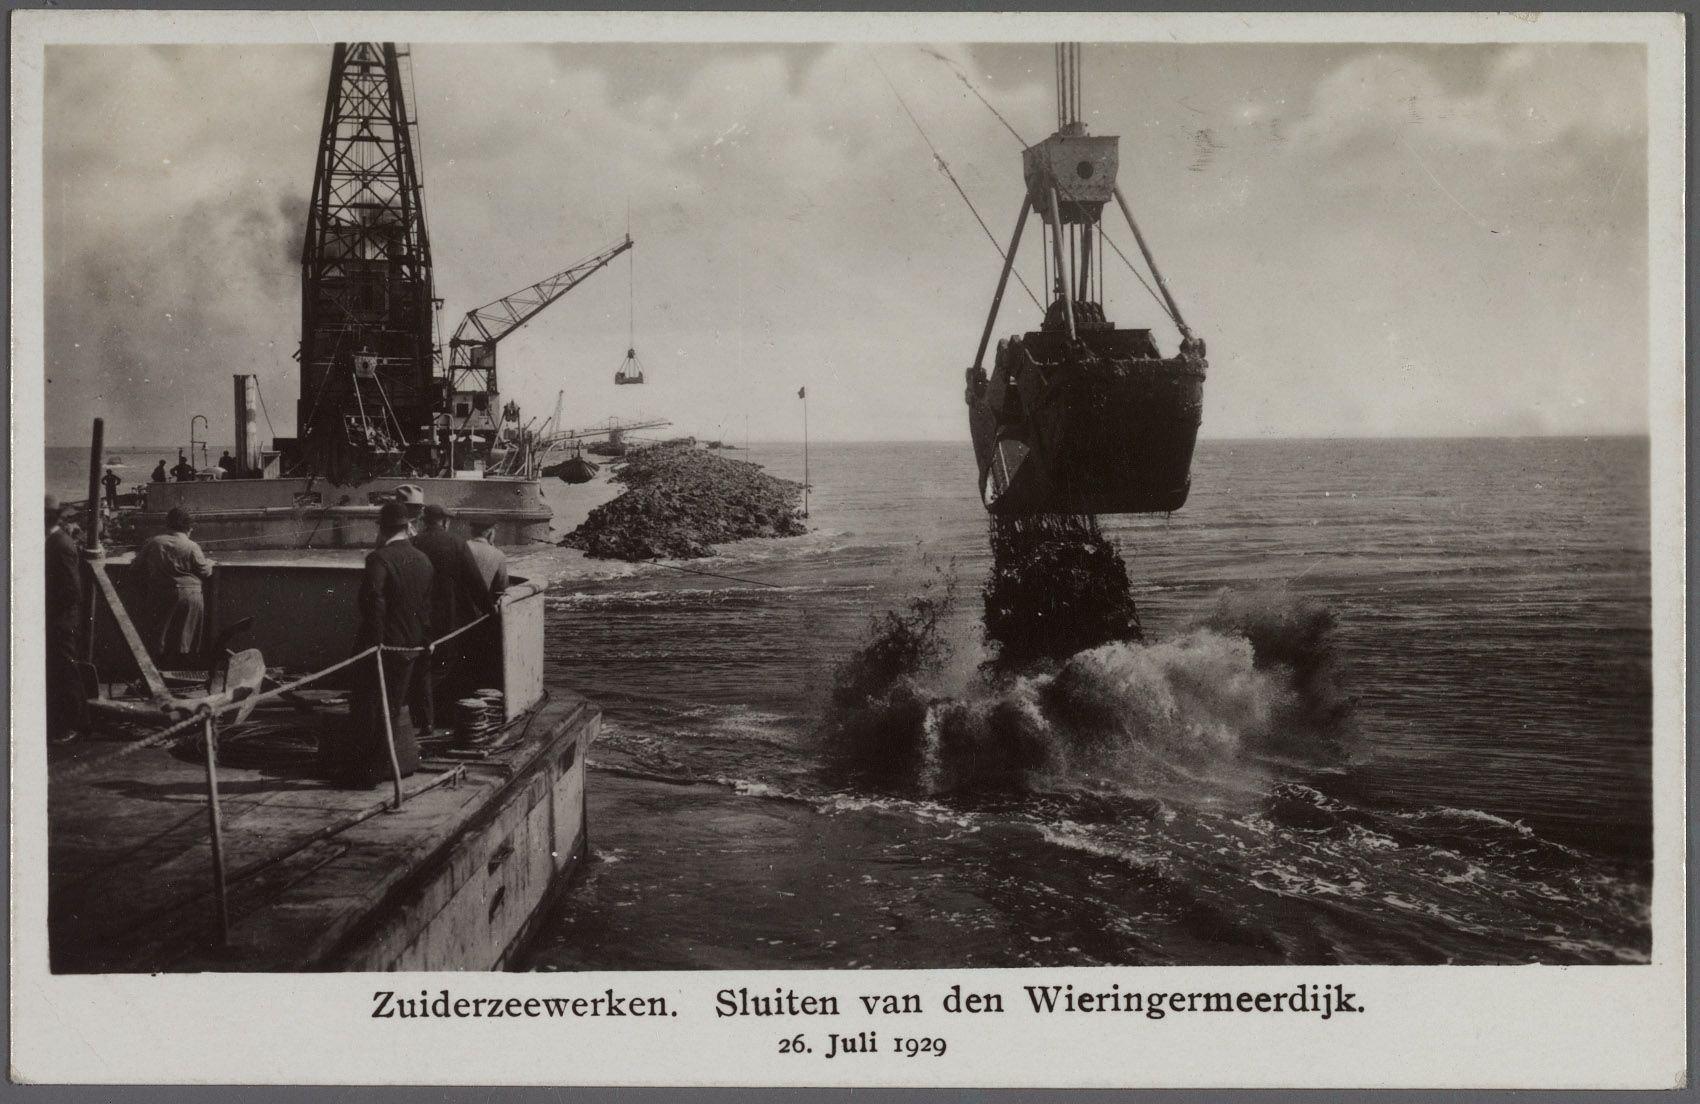 Aanleg van de Afsluitdijk bij Wieringen. Beeld: Noord-Hollands Archief.